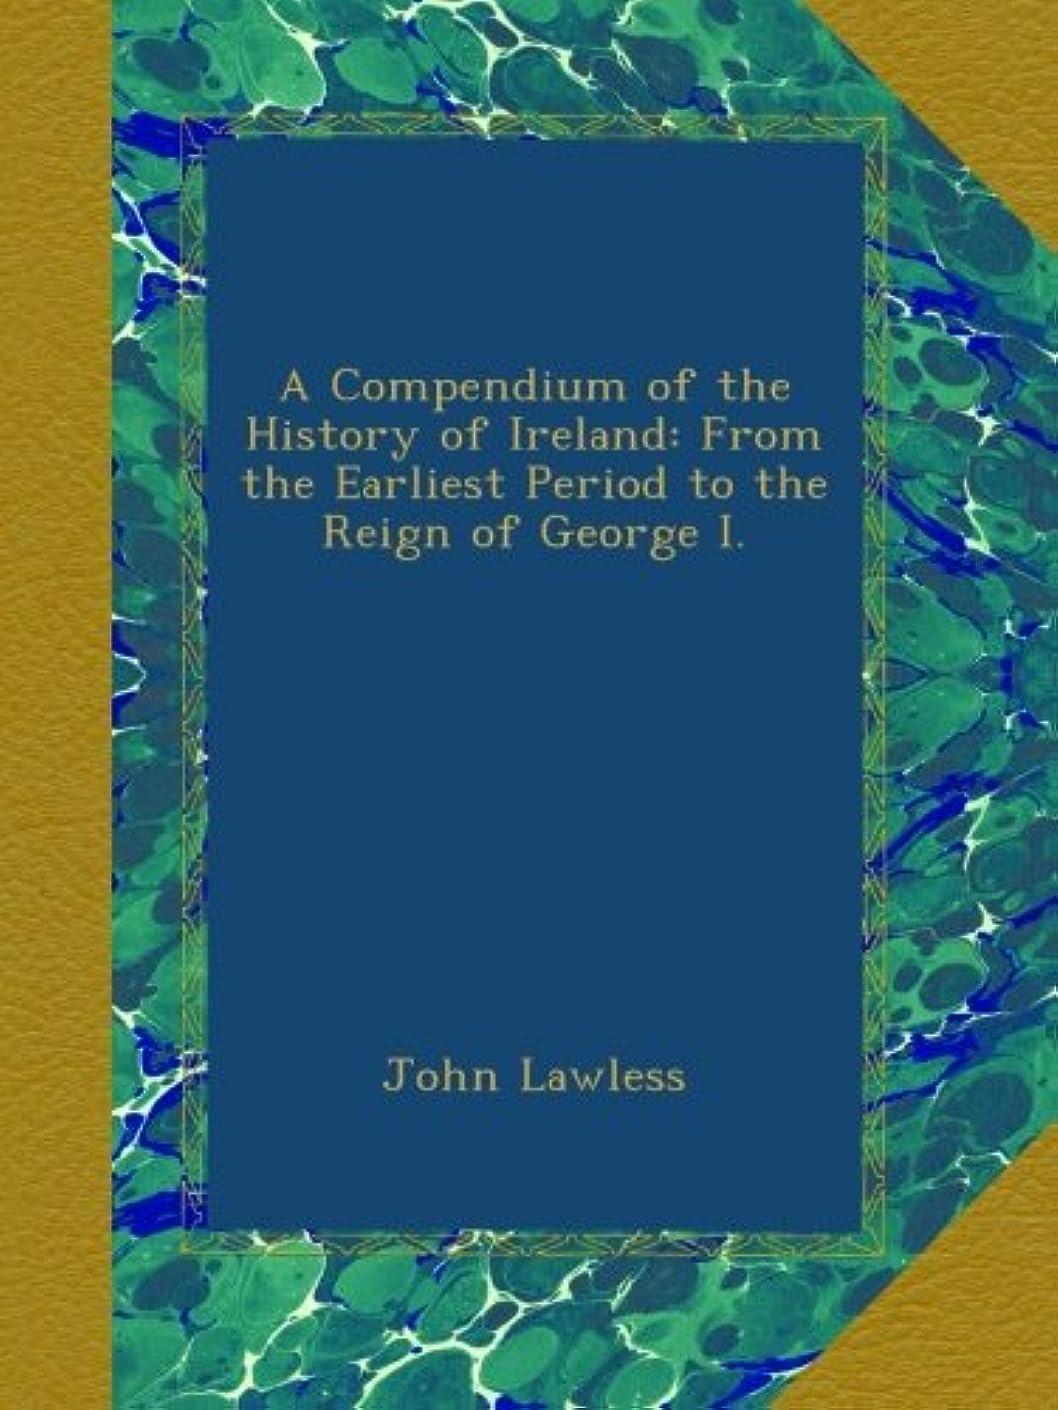 純度記念品発疹A Compendium of the History of Ireland: From the Earliest Period to the Reign of George I.